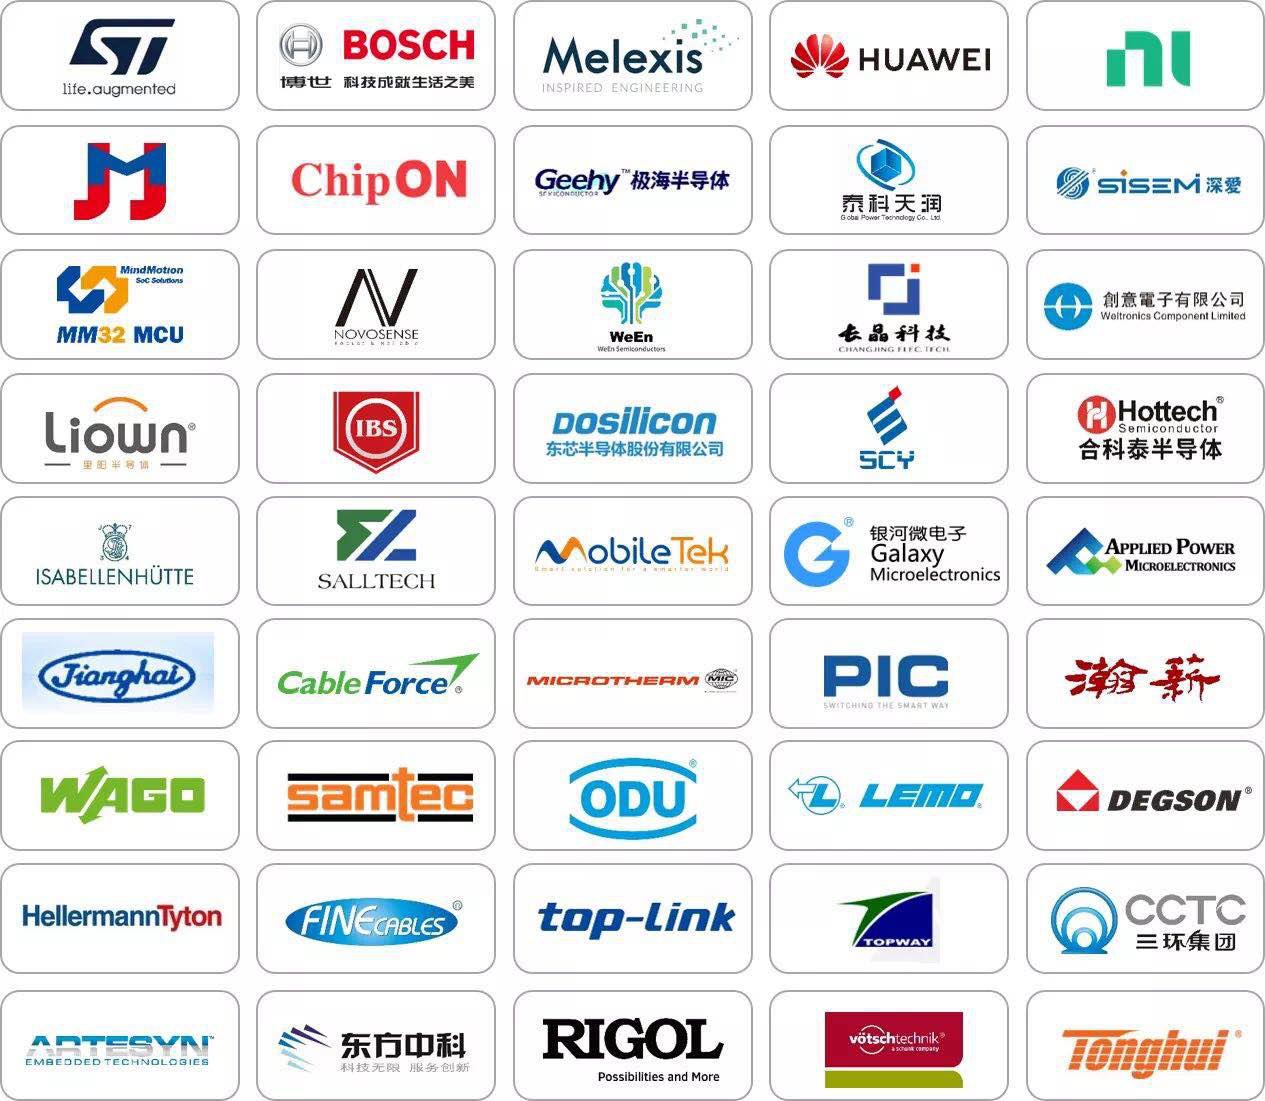 透过消费电子风口看超快激光加工,这些激光企业你值得深入了解